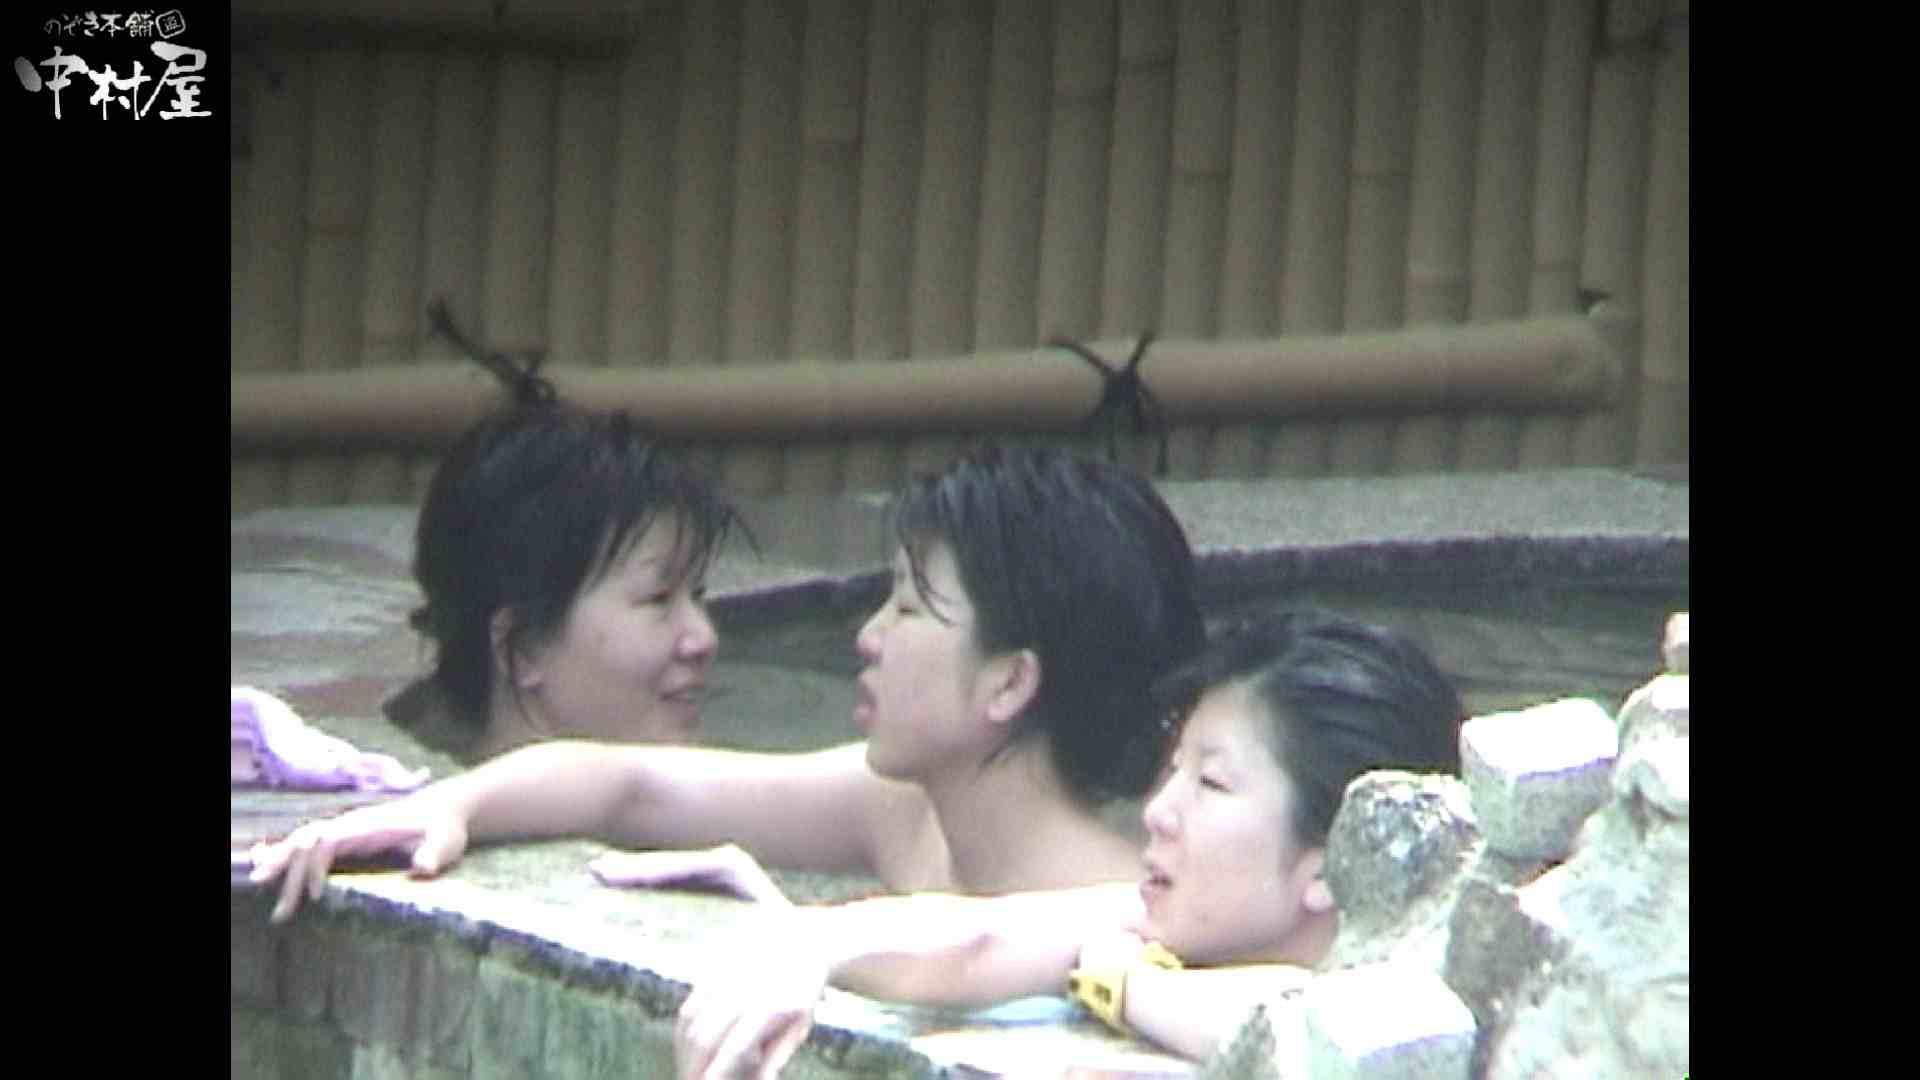 Aquaな露天風呂Vol.936 盗撮 | 露天  75画像 43